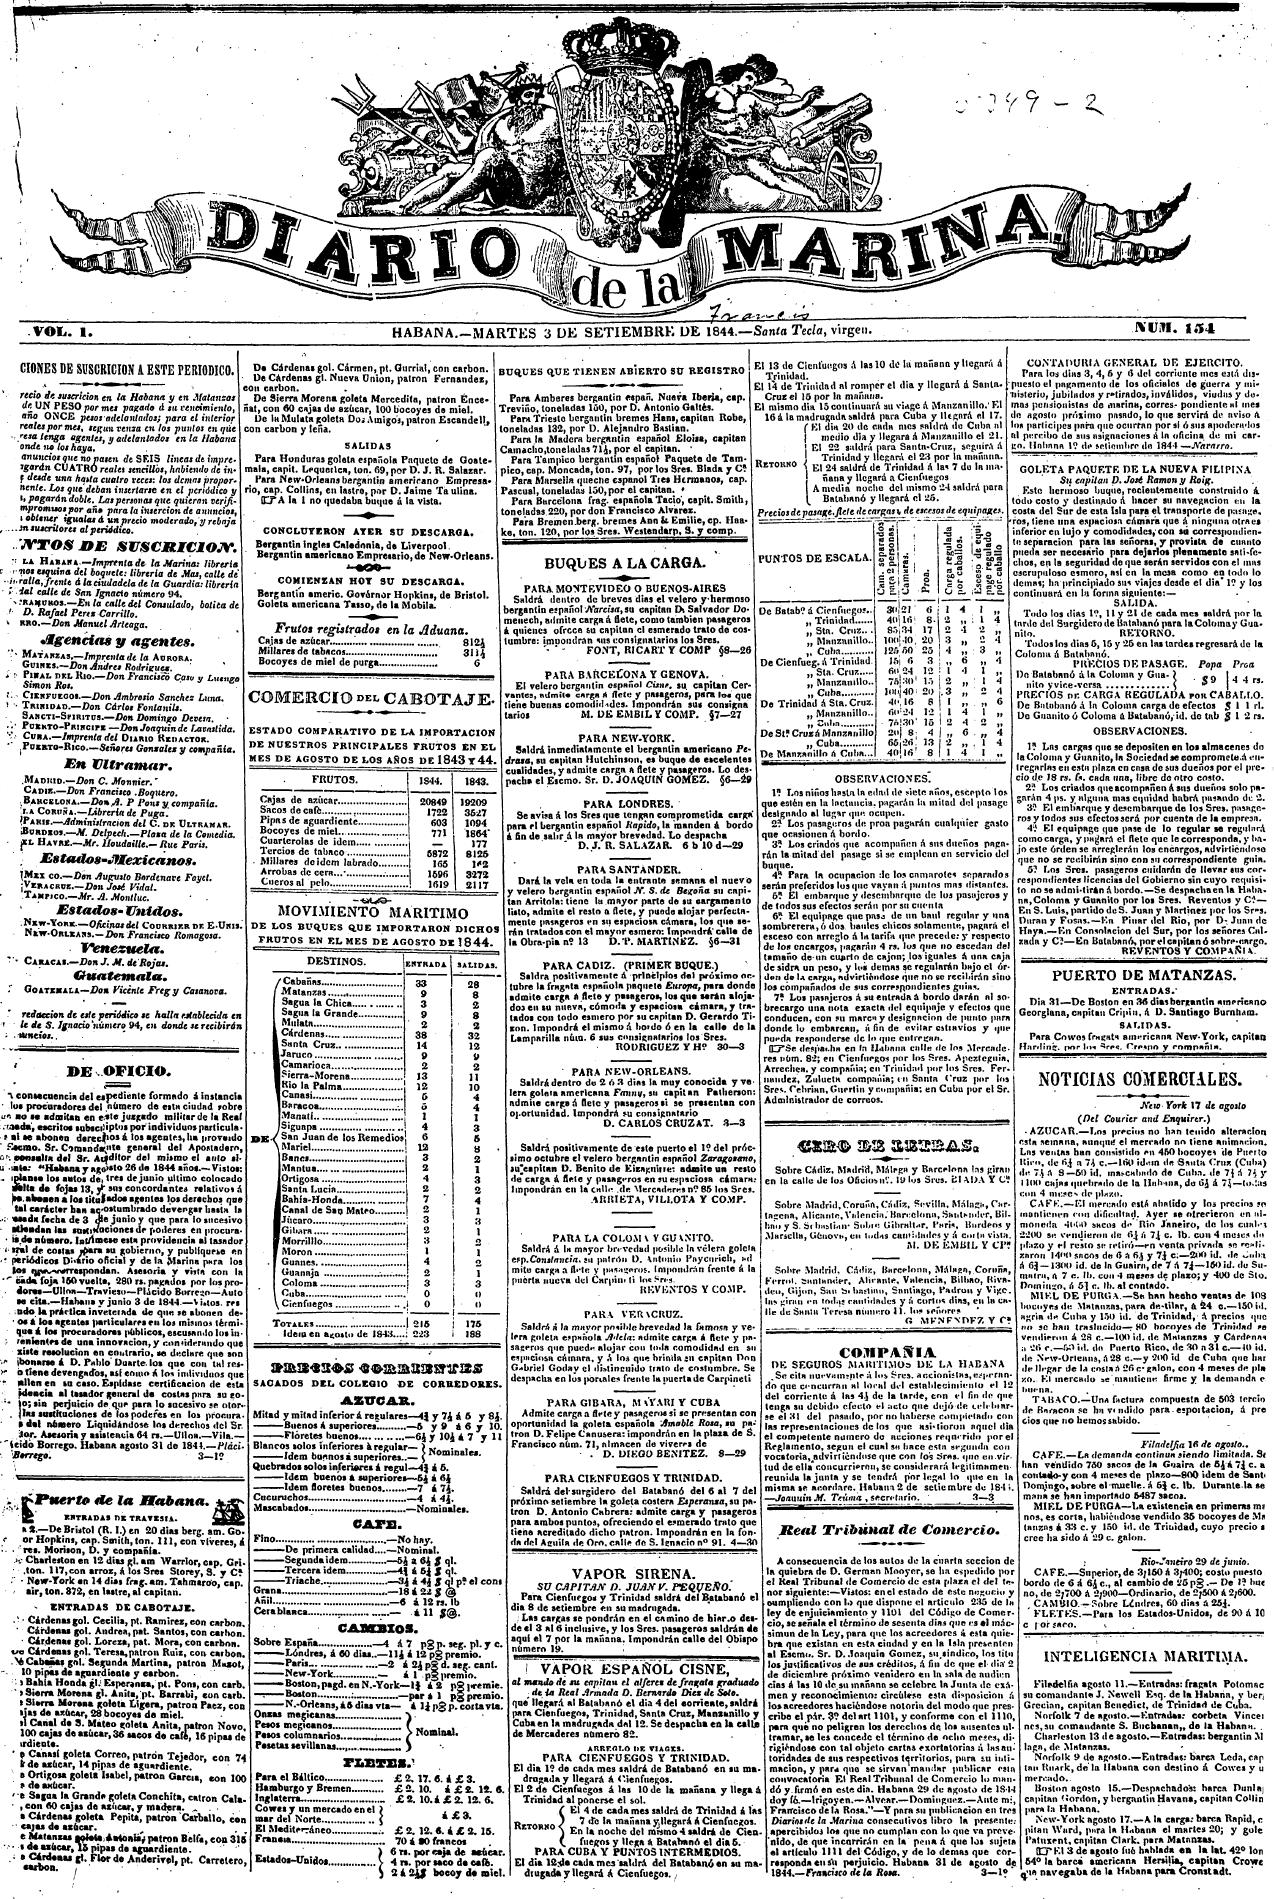 Diario de la Marina Wikipedia, la enciclopedia libre